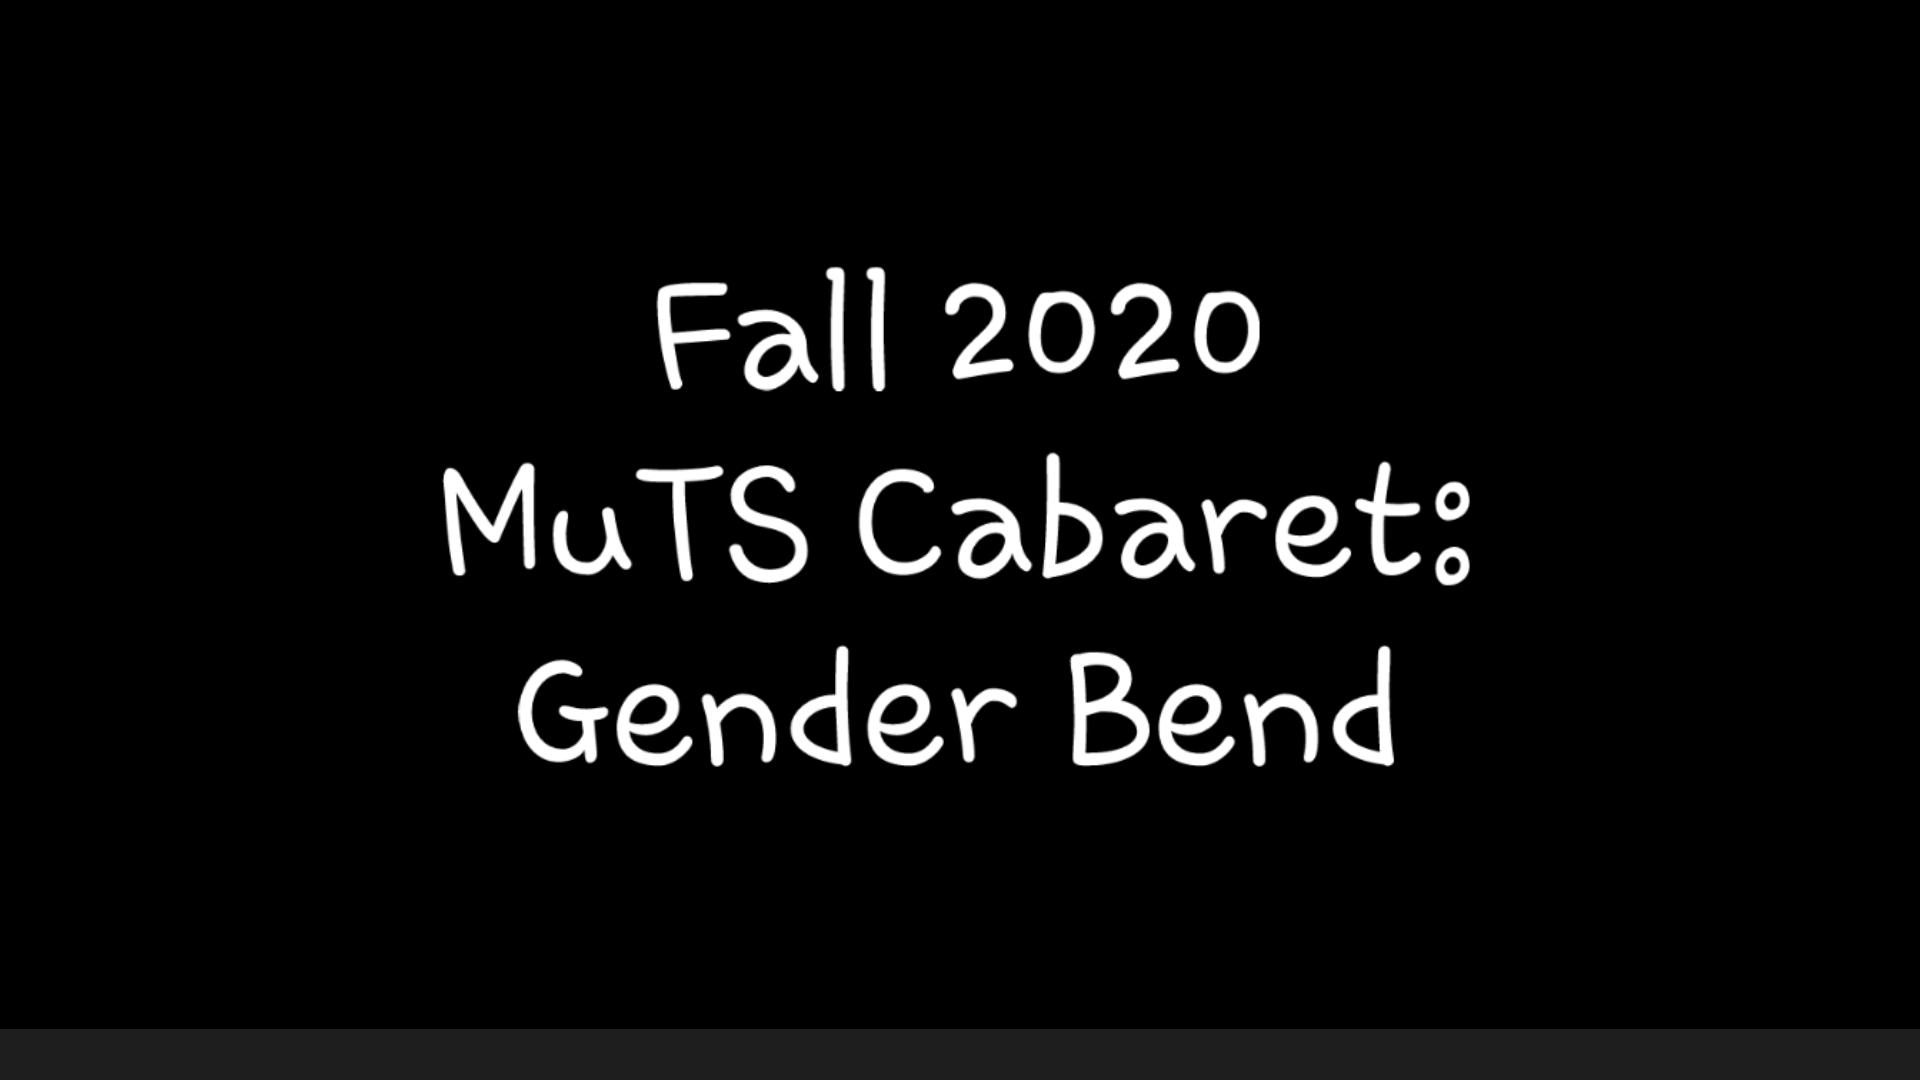 MuTS Members, MuTS Gender Bend Cabaret